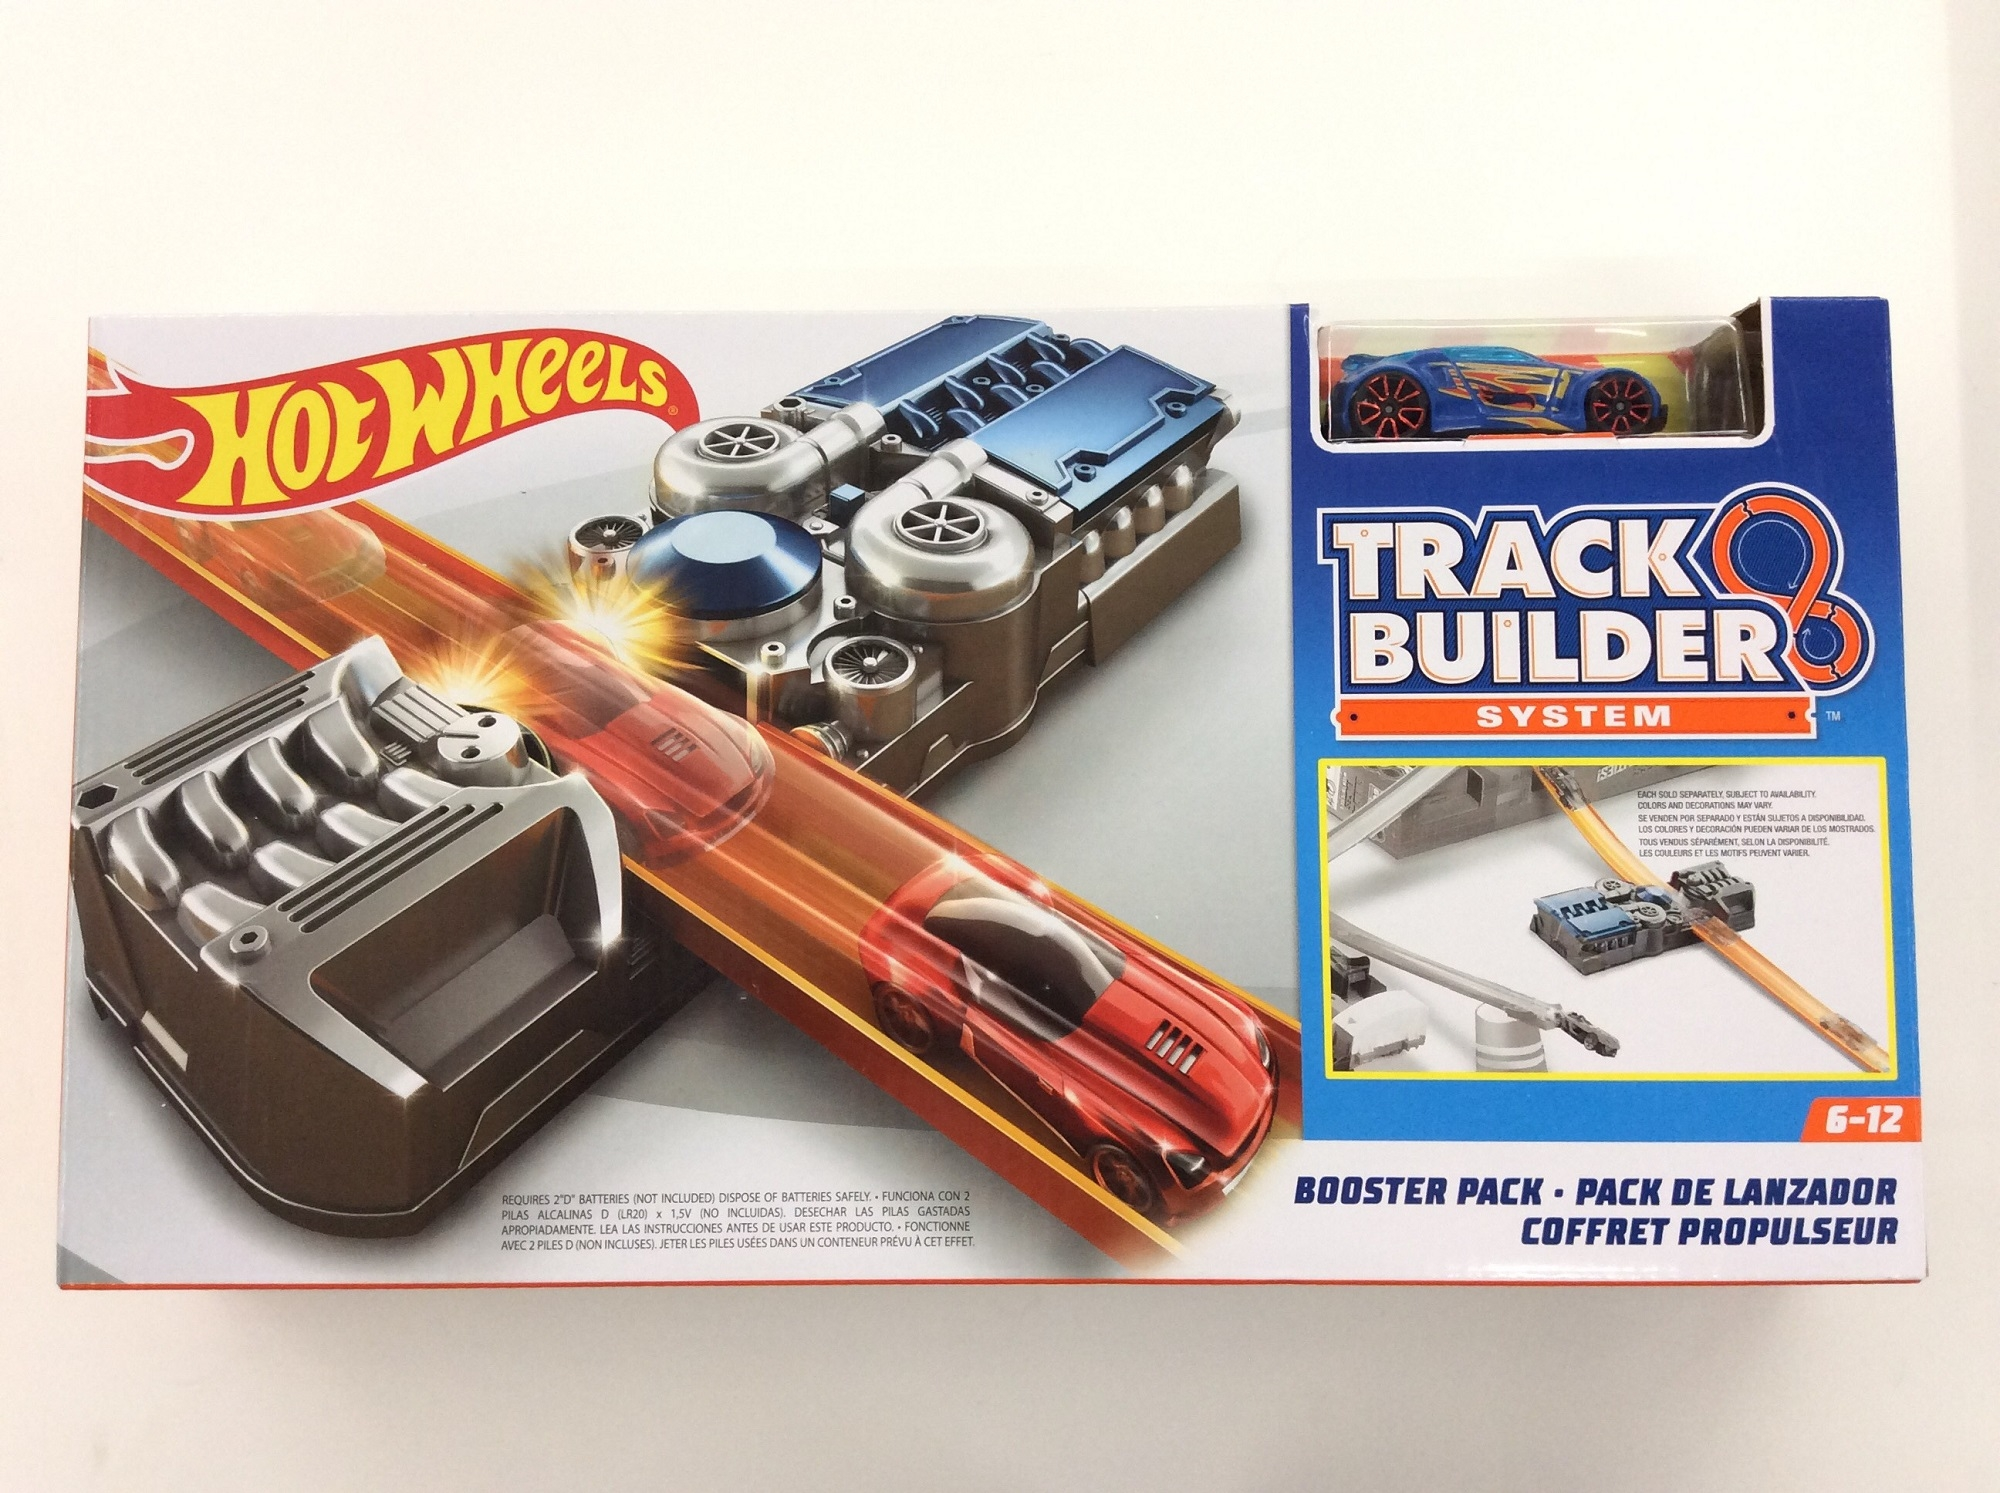 hot wheels track builder system booster pack. Black Bedroom Furniture Sets. Home Design Ideas